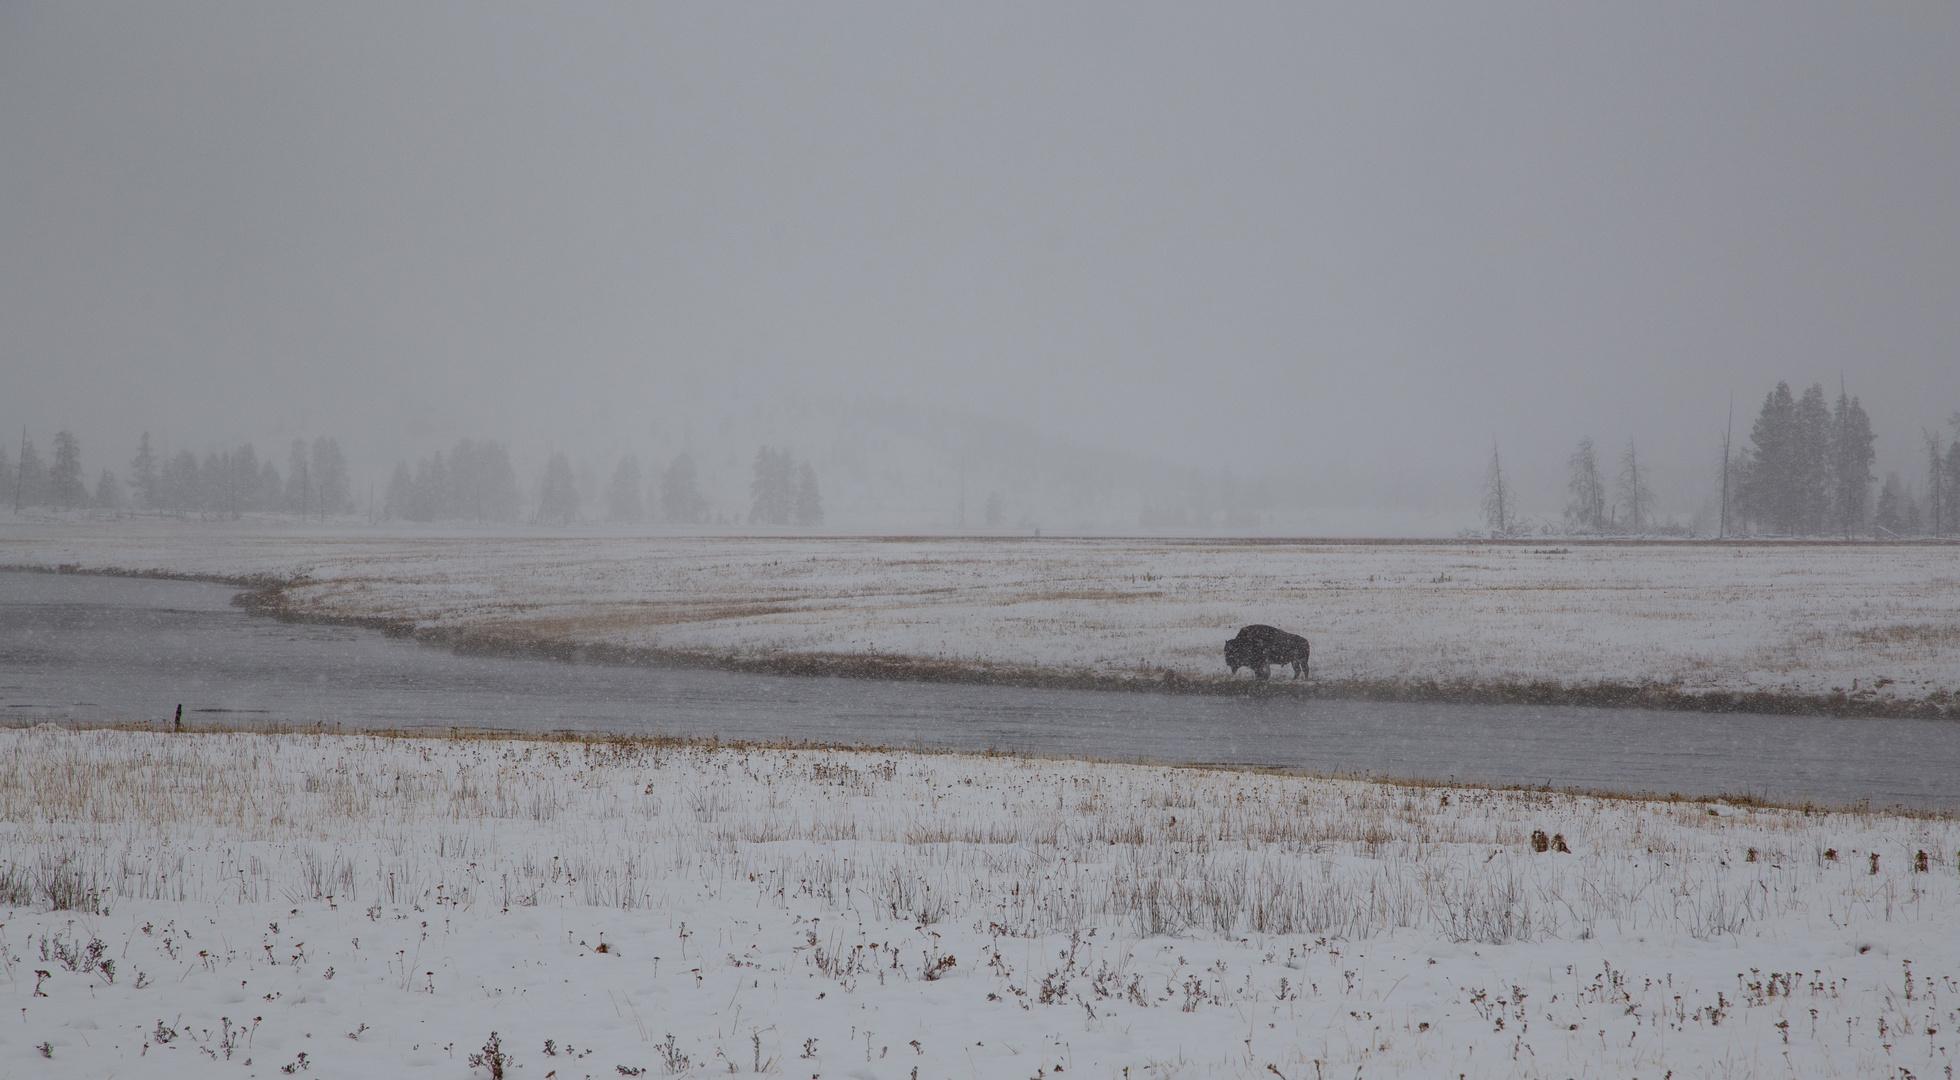 Der einsame Büffel